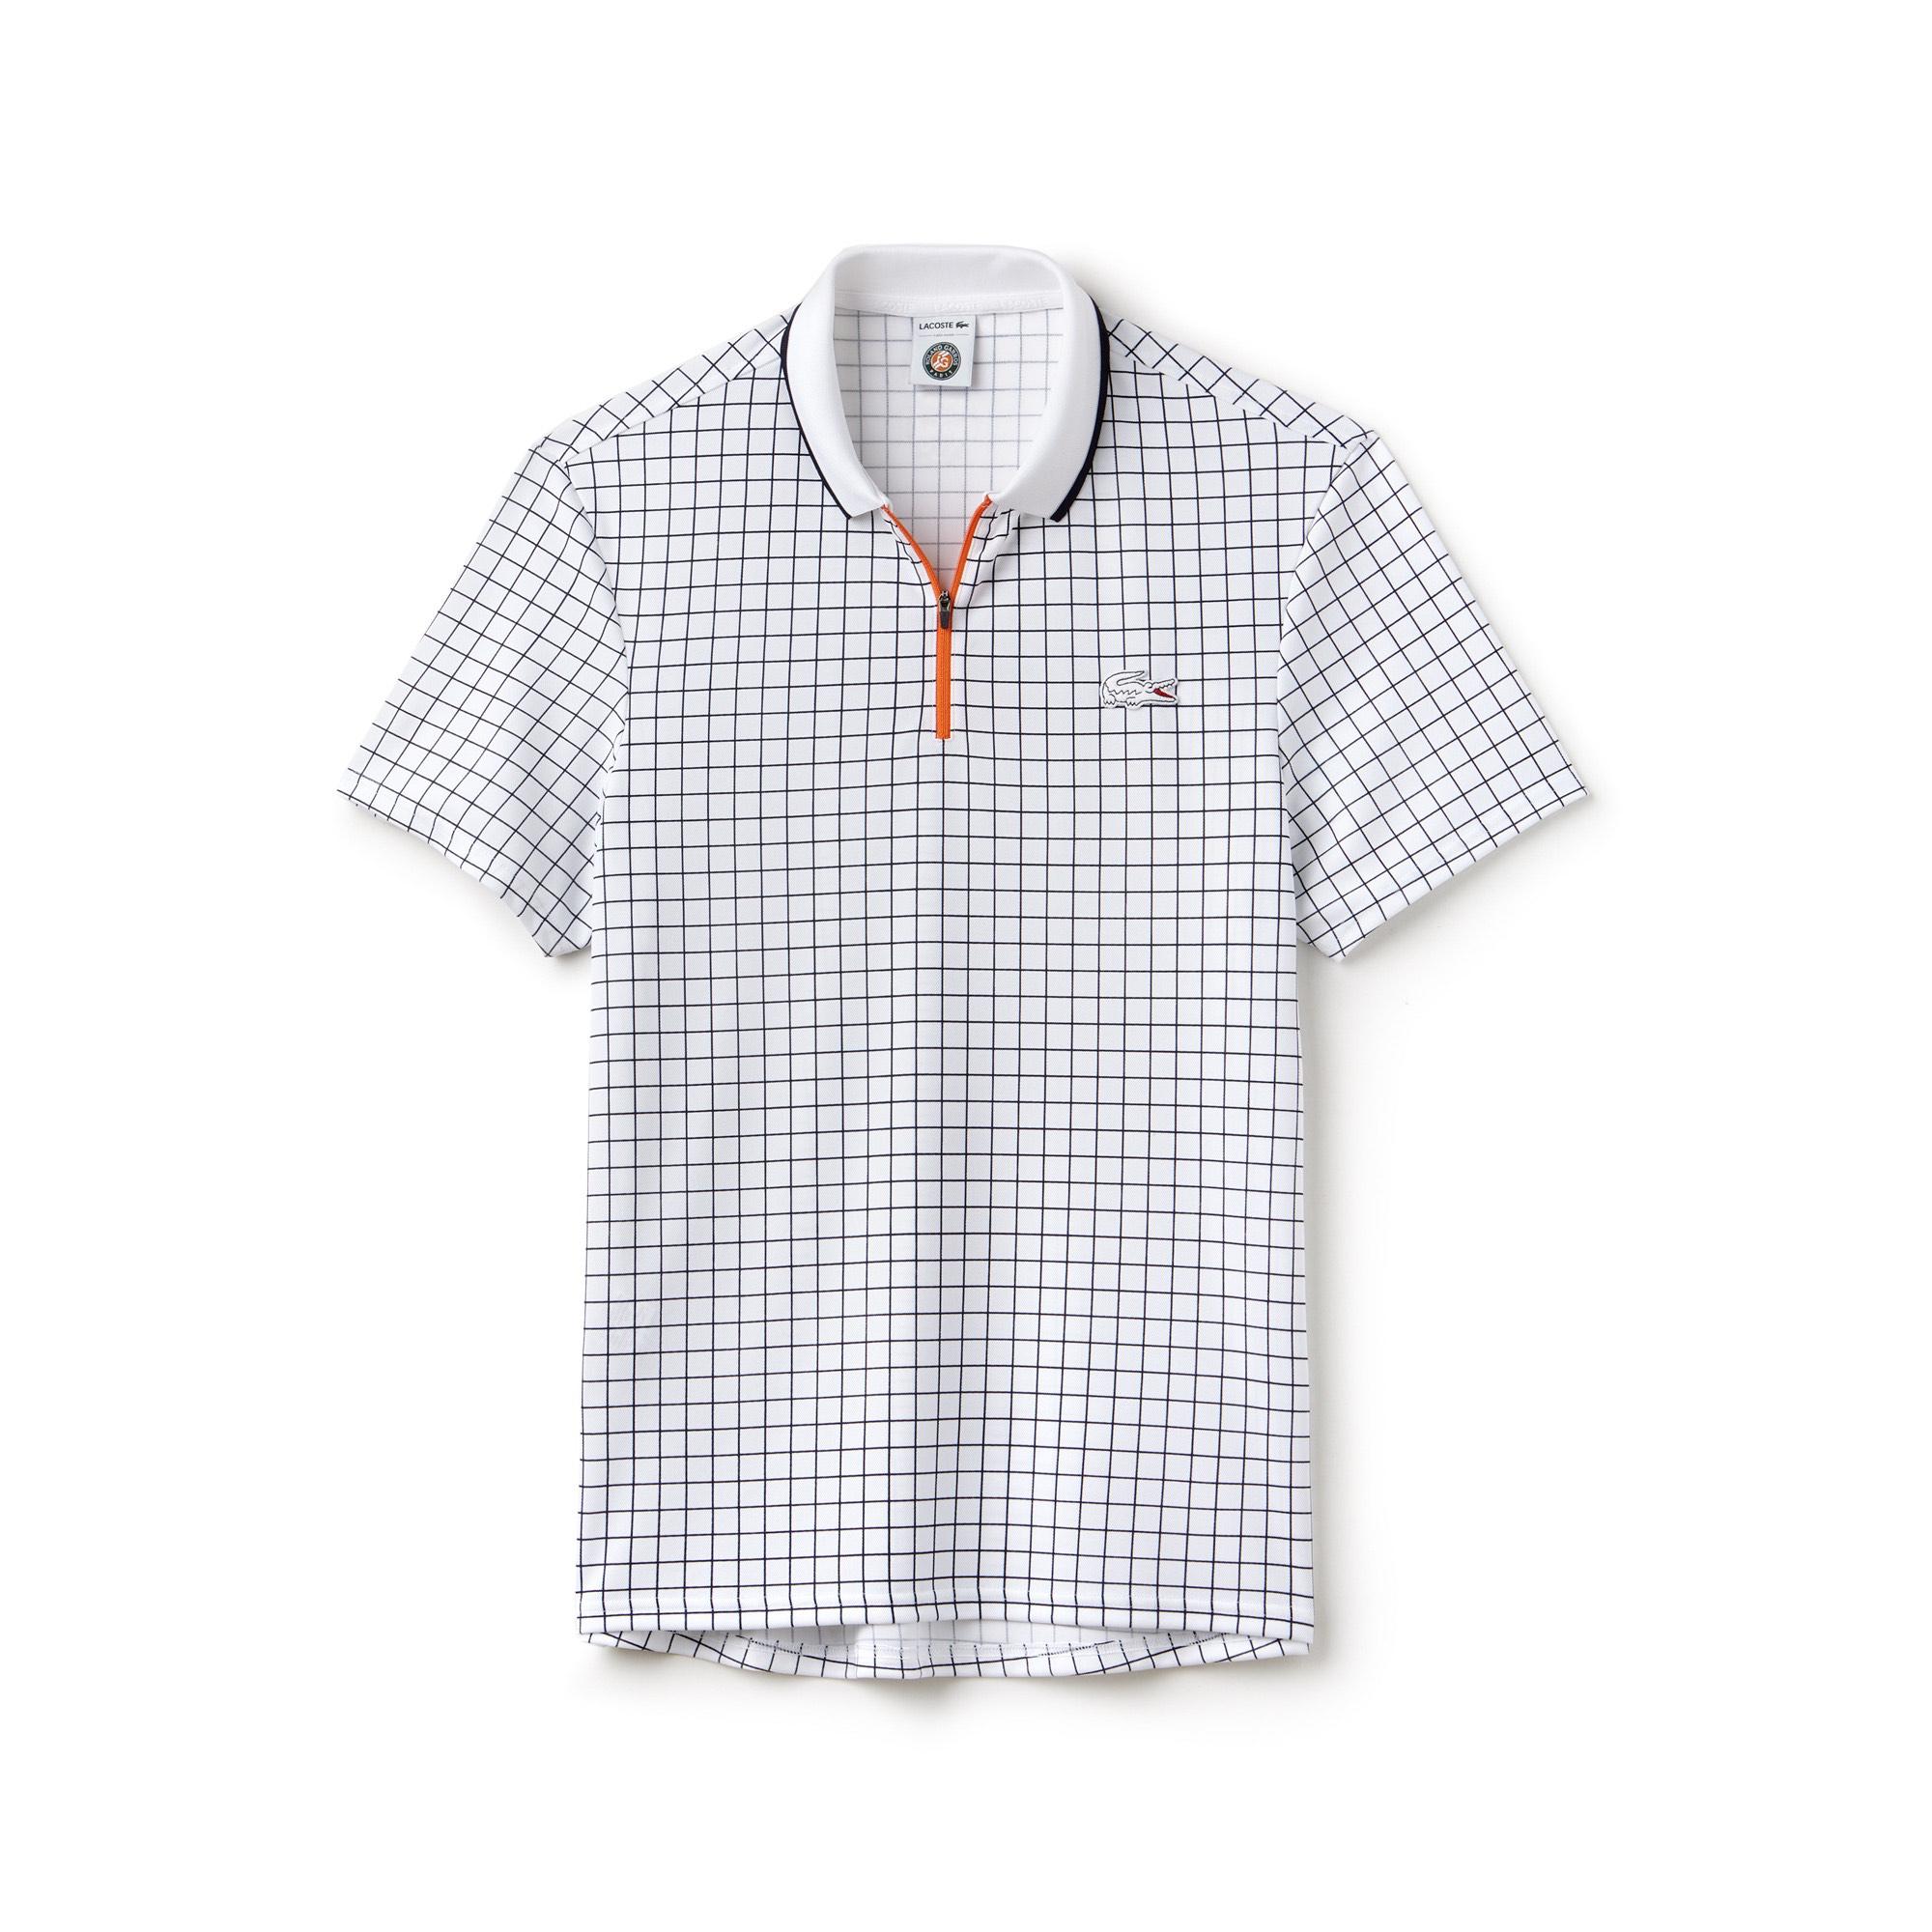 Polo Lacoste x Roland-Garros / polo sportswear Roland-Garros